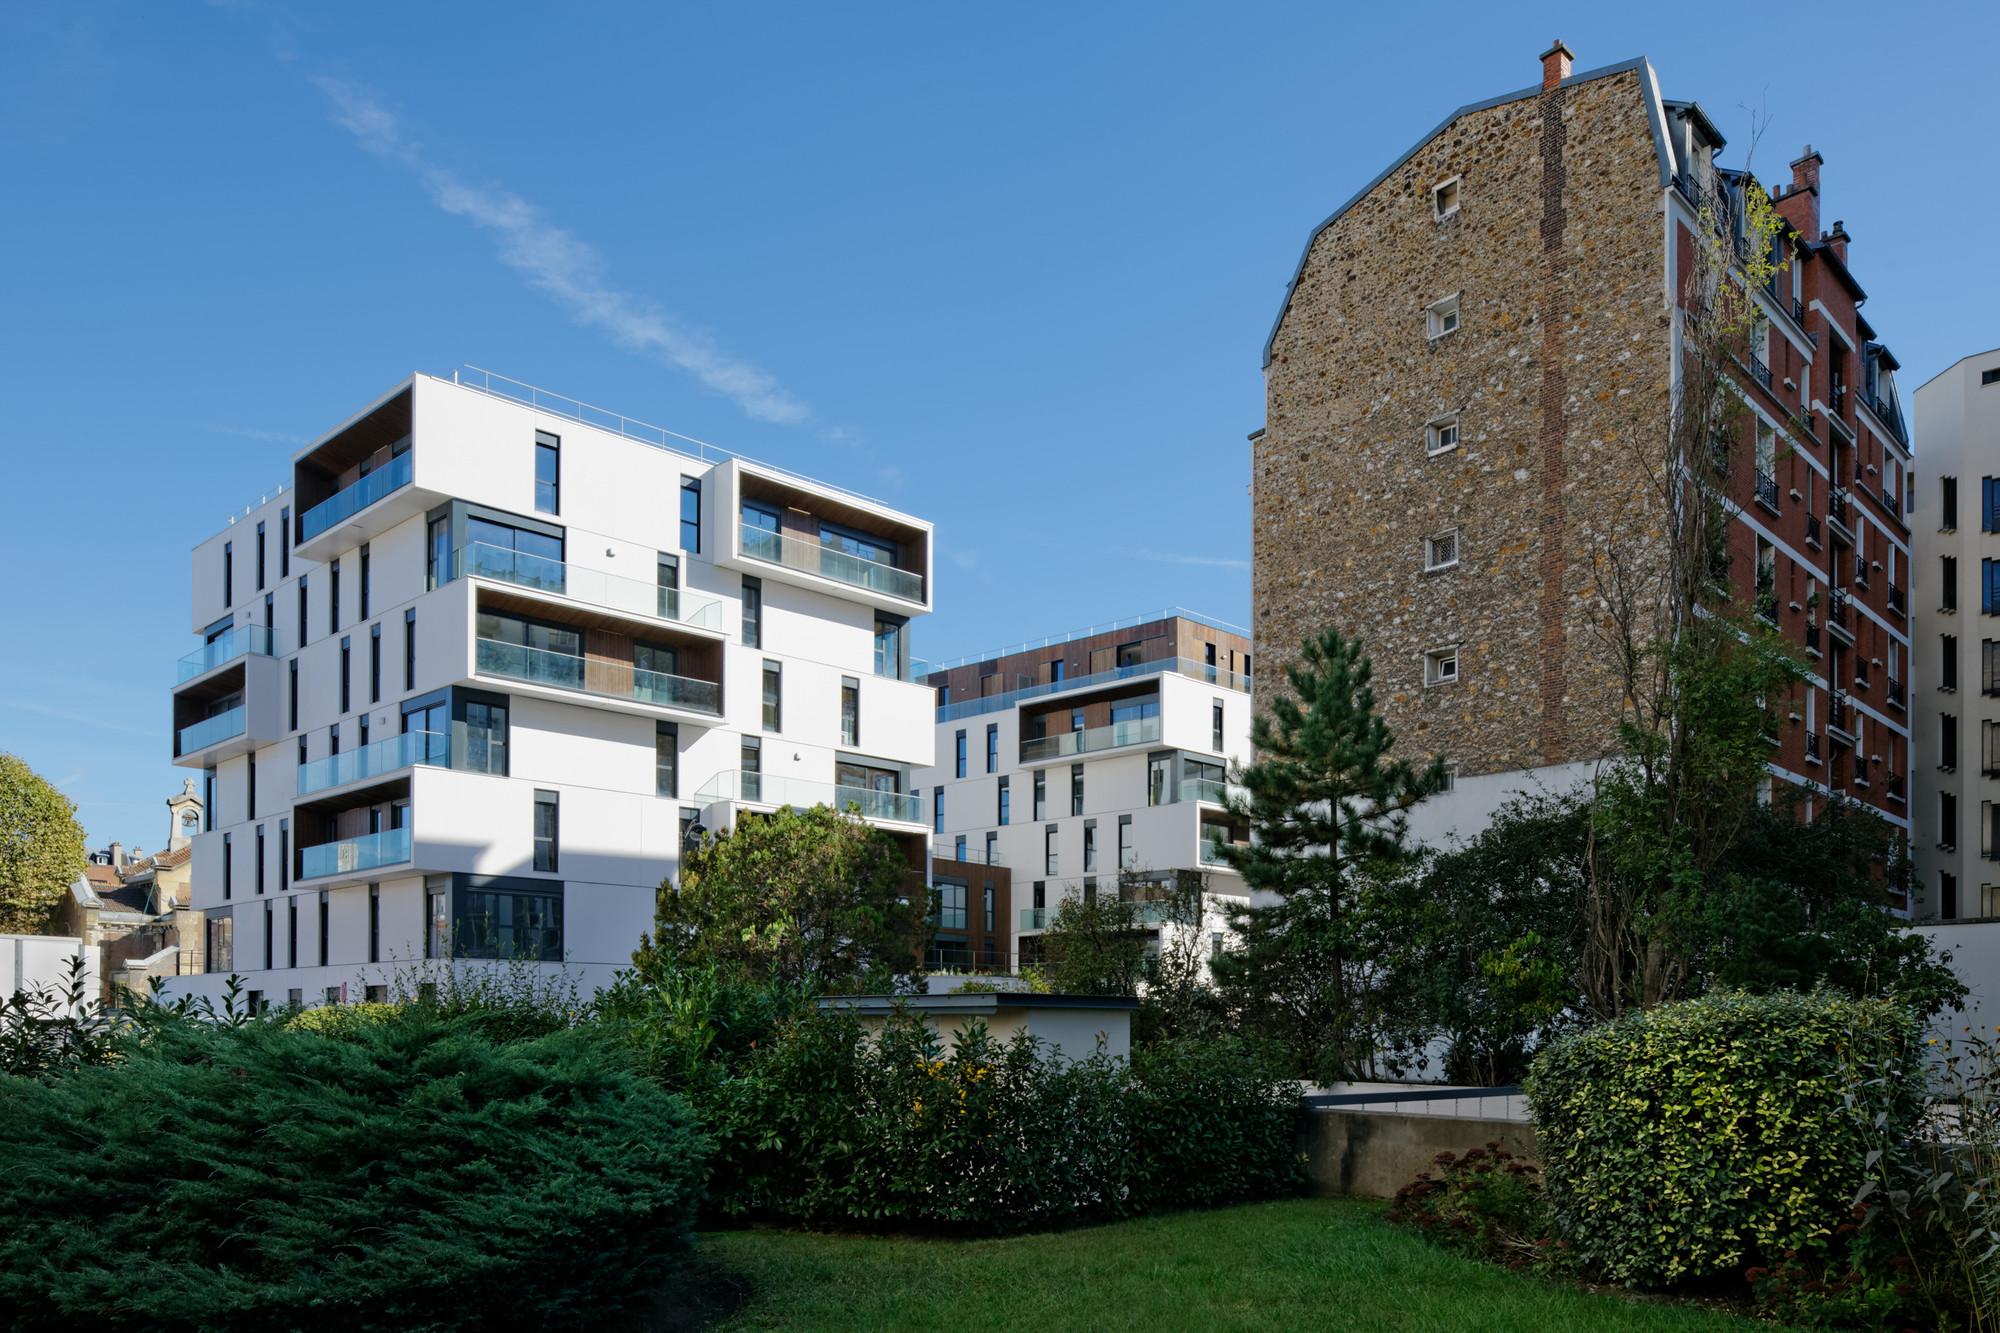 Zac Boucicaut en Paris / Ameller, Dubois & Associés  Architectes, © Takuji Shimmura